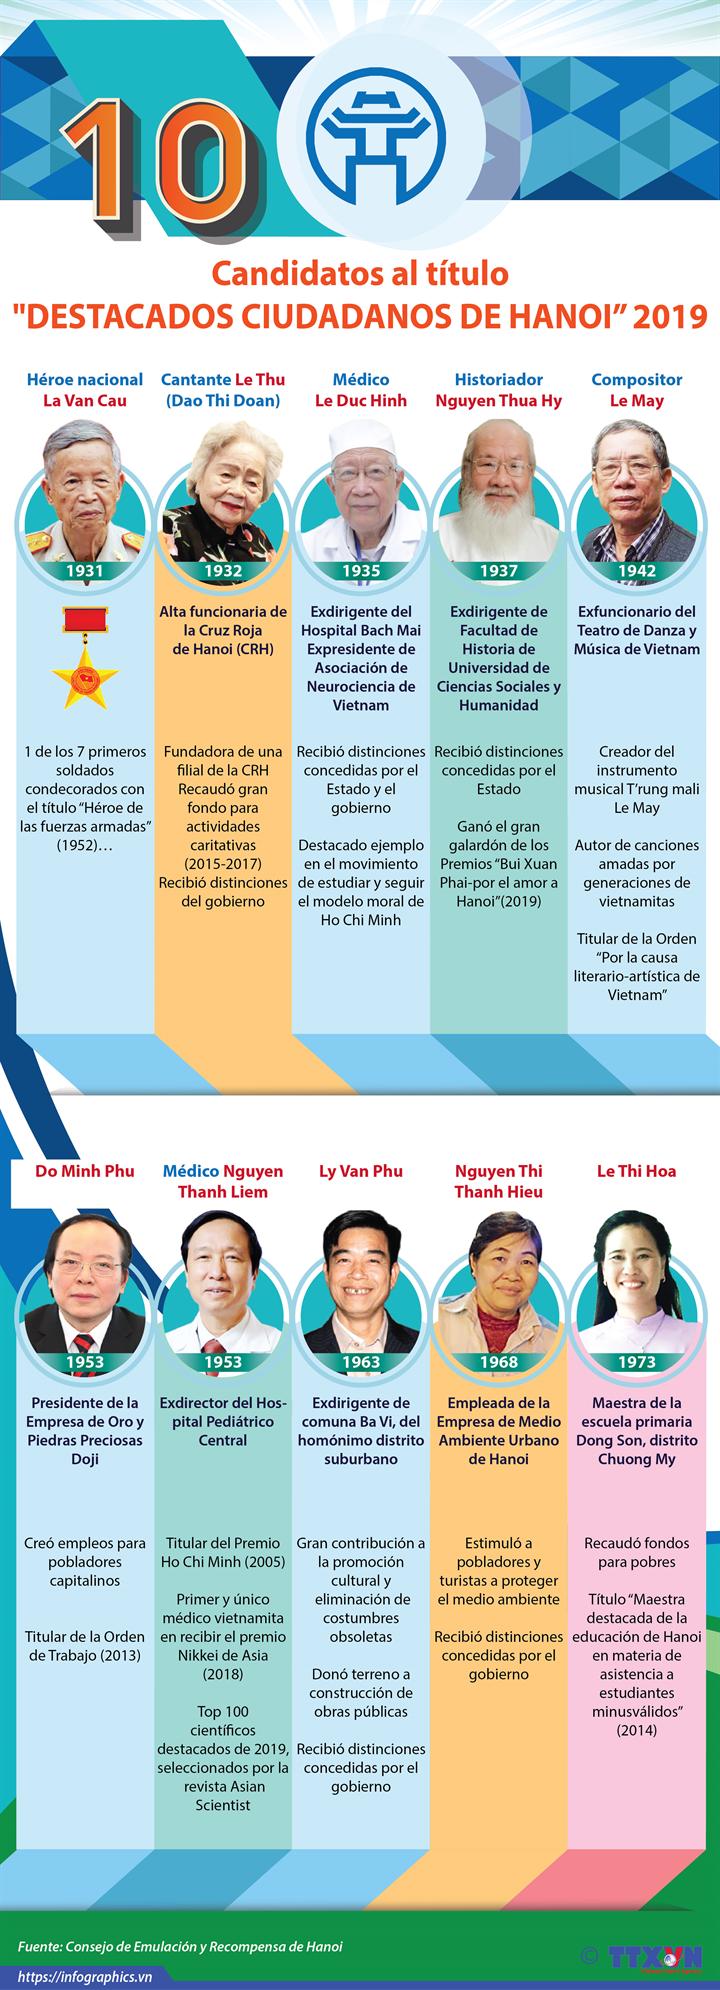 """Los 10 candidatos al título """"Destacados ciudadanos de Hanoi"""" en 2019"""